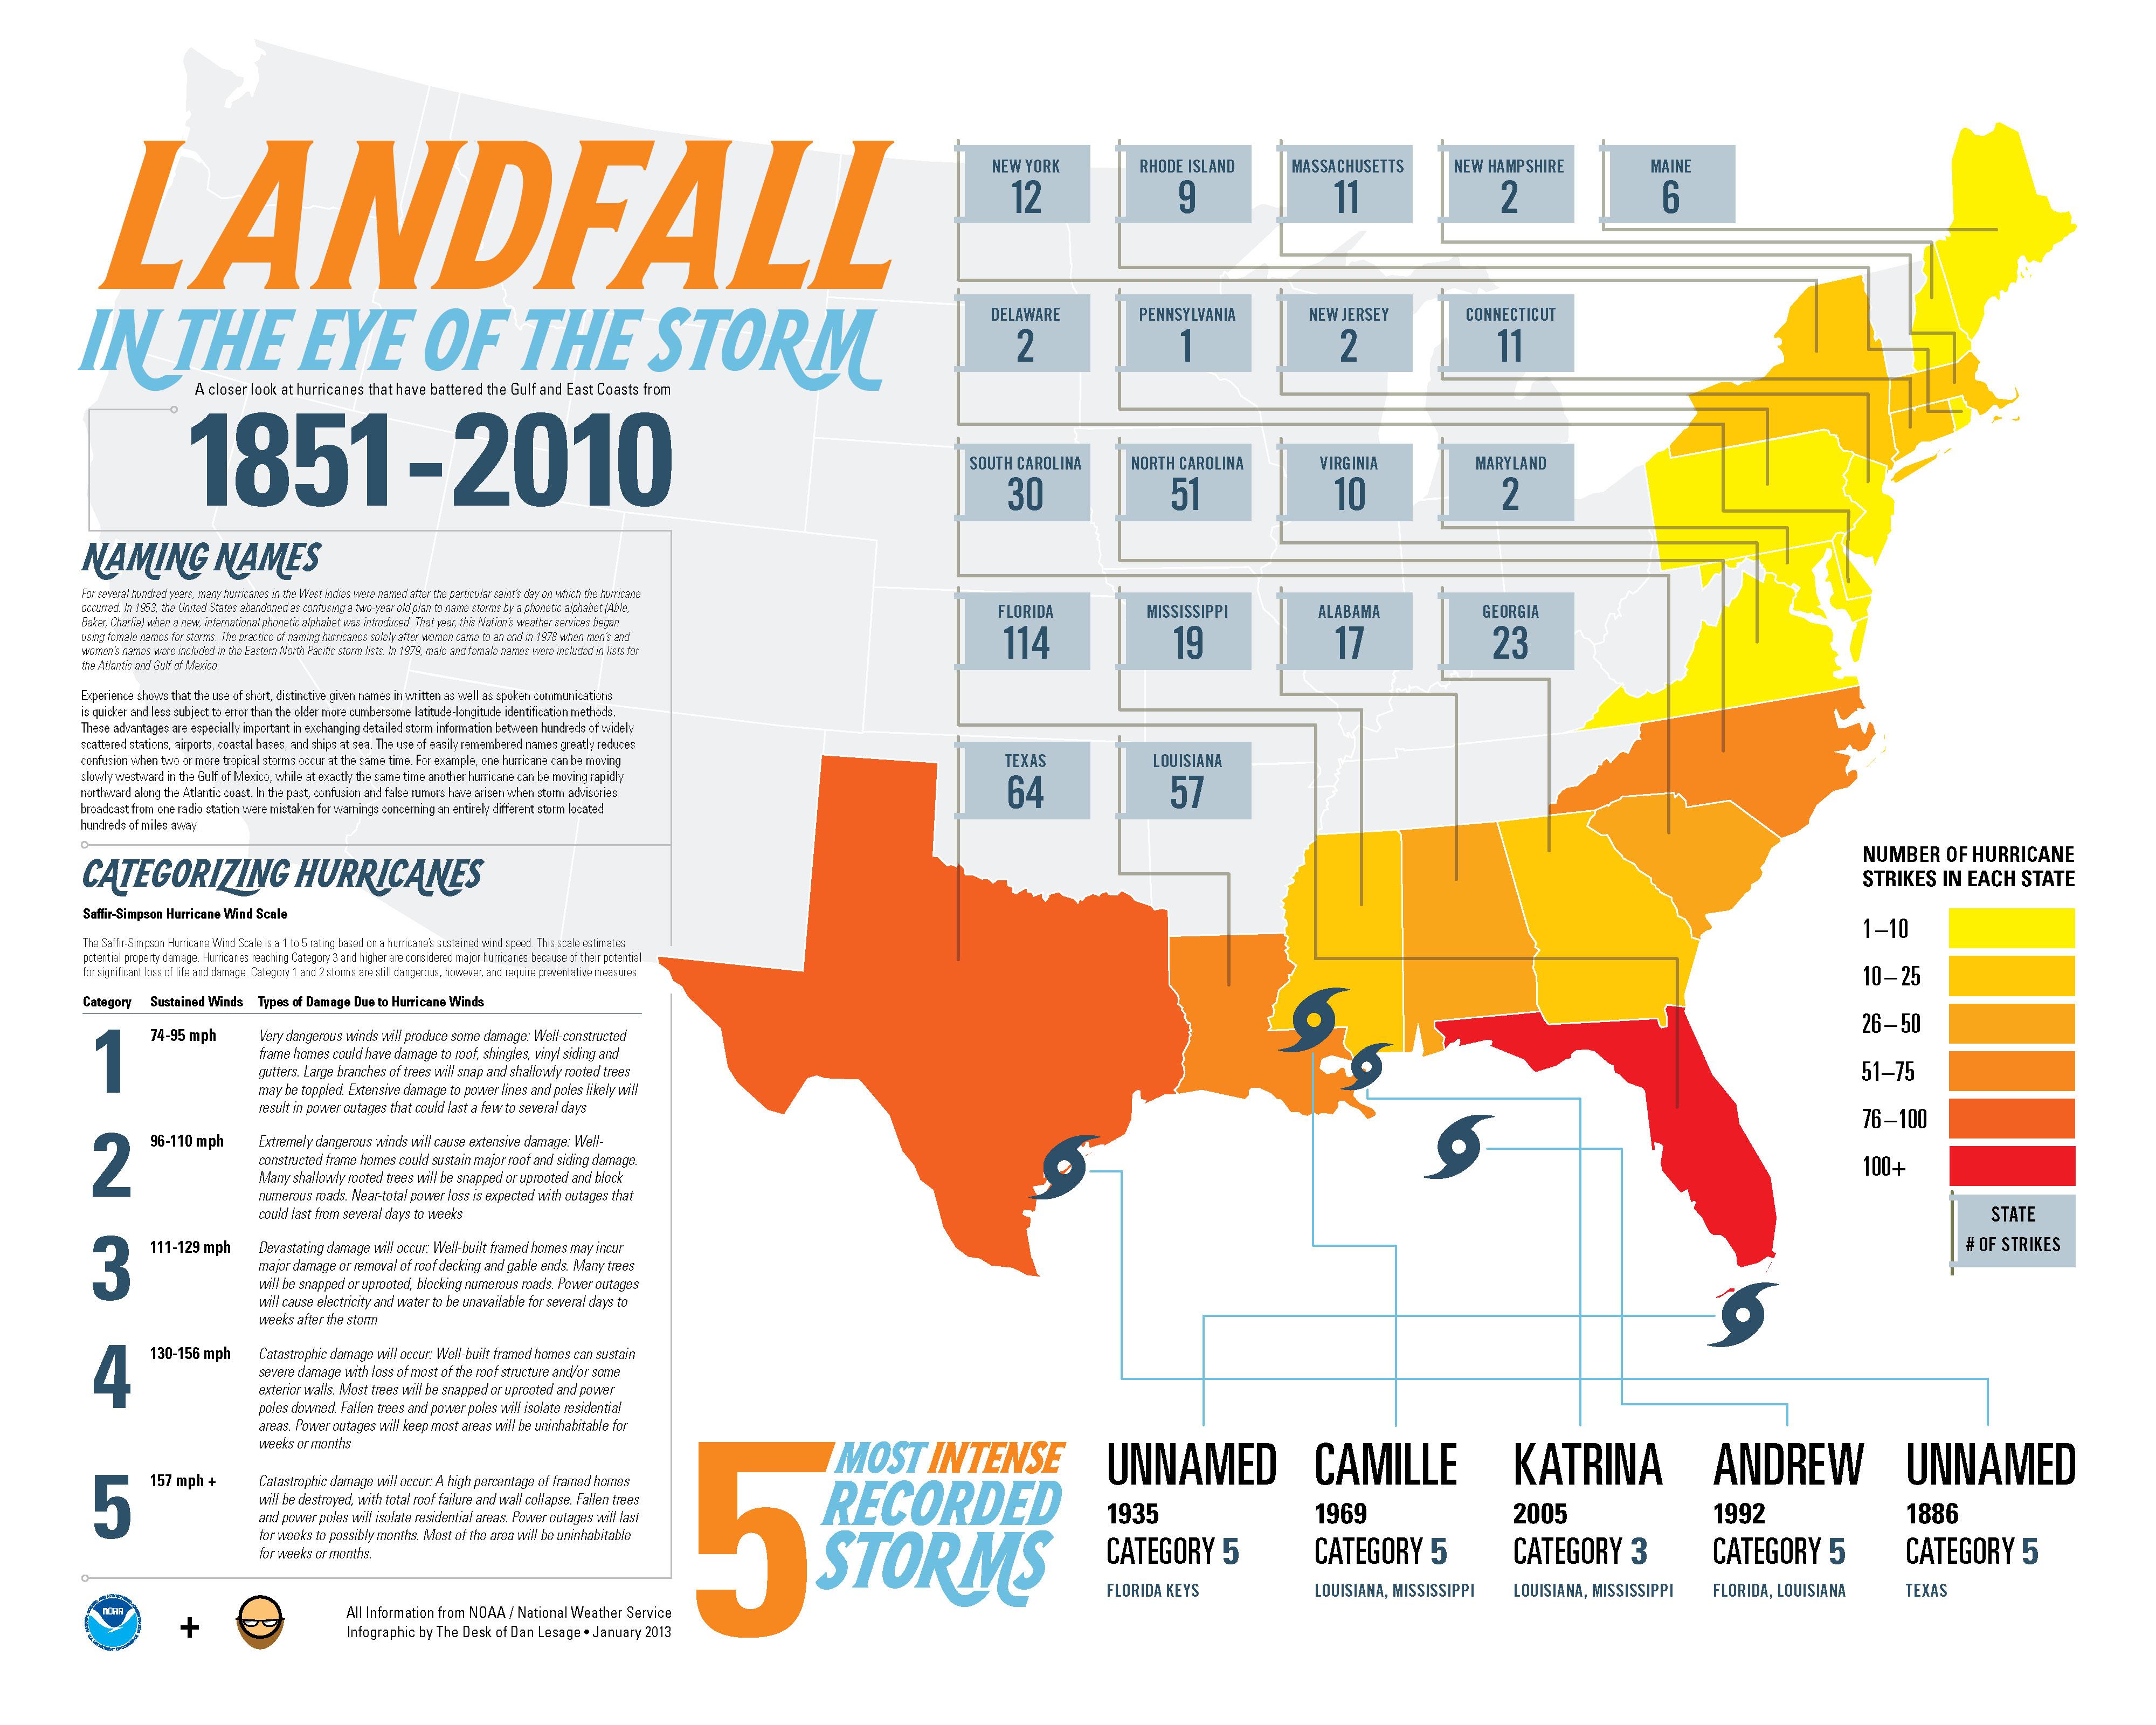 Hurricane infographic - R̶o̶u̶n̶d̶ ̶2̶ R̶O̶U̶N̶D̶ ̶3̶  FINAL - image 1 - student project